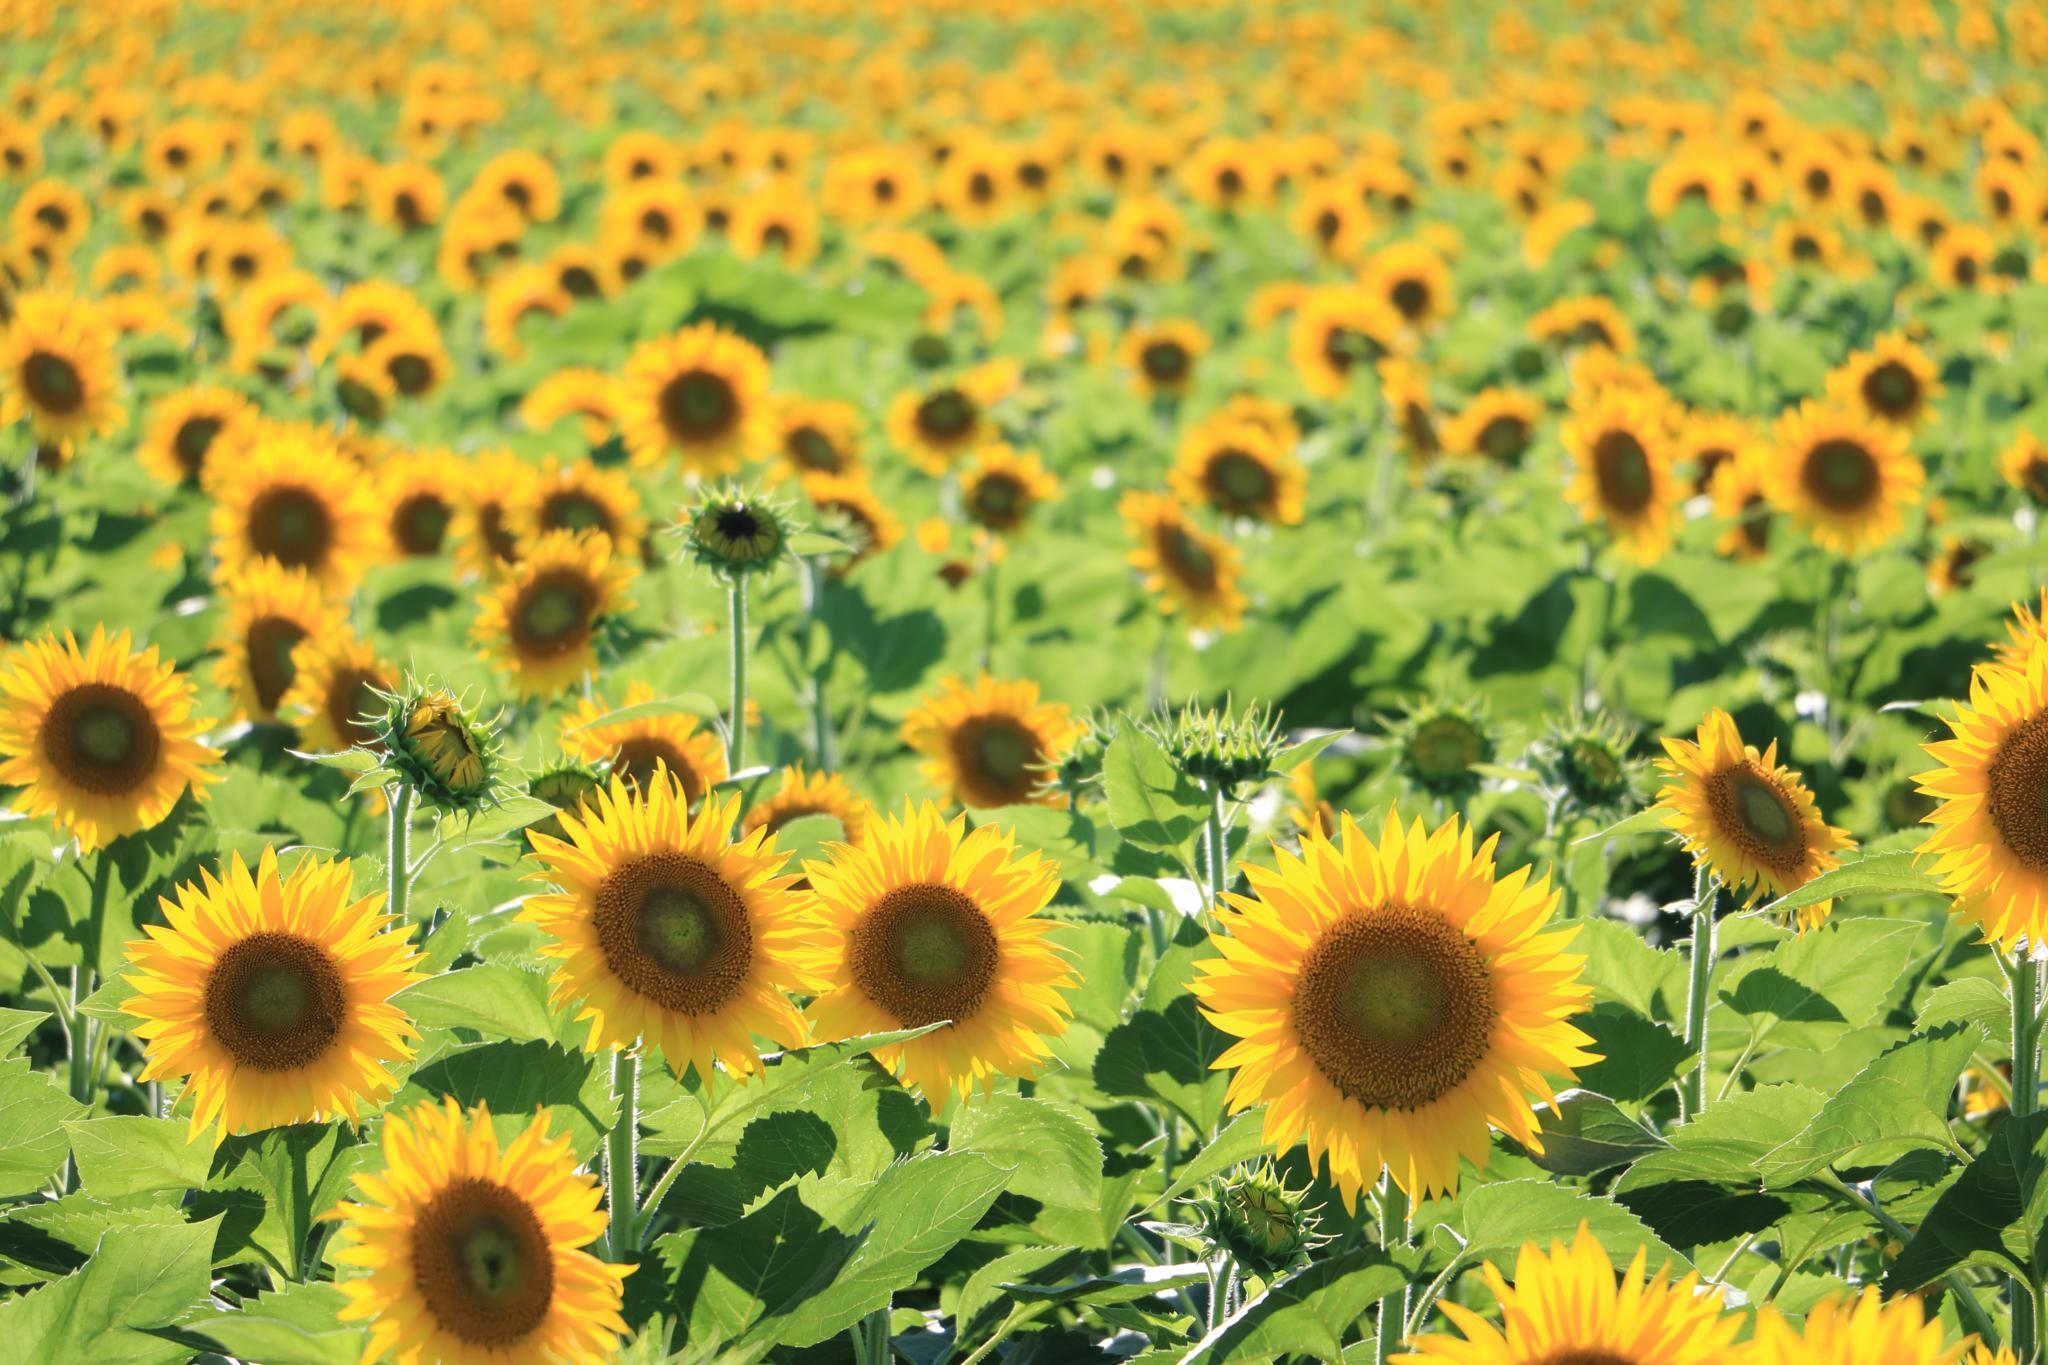 Sunflower field. by Ayumi Kosaka